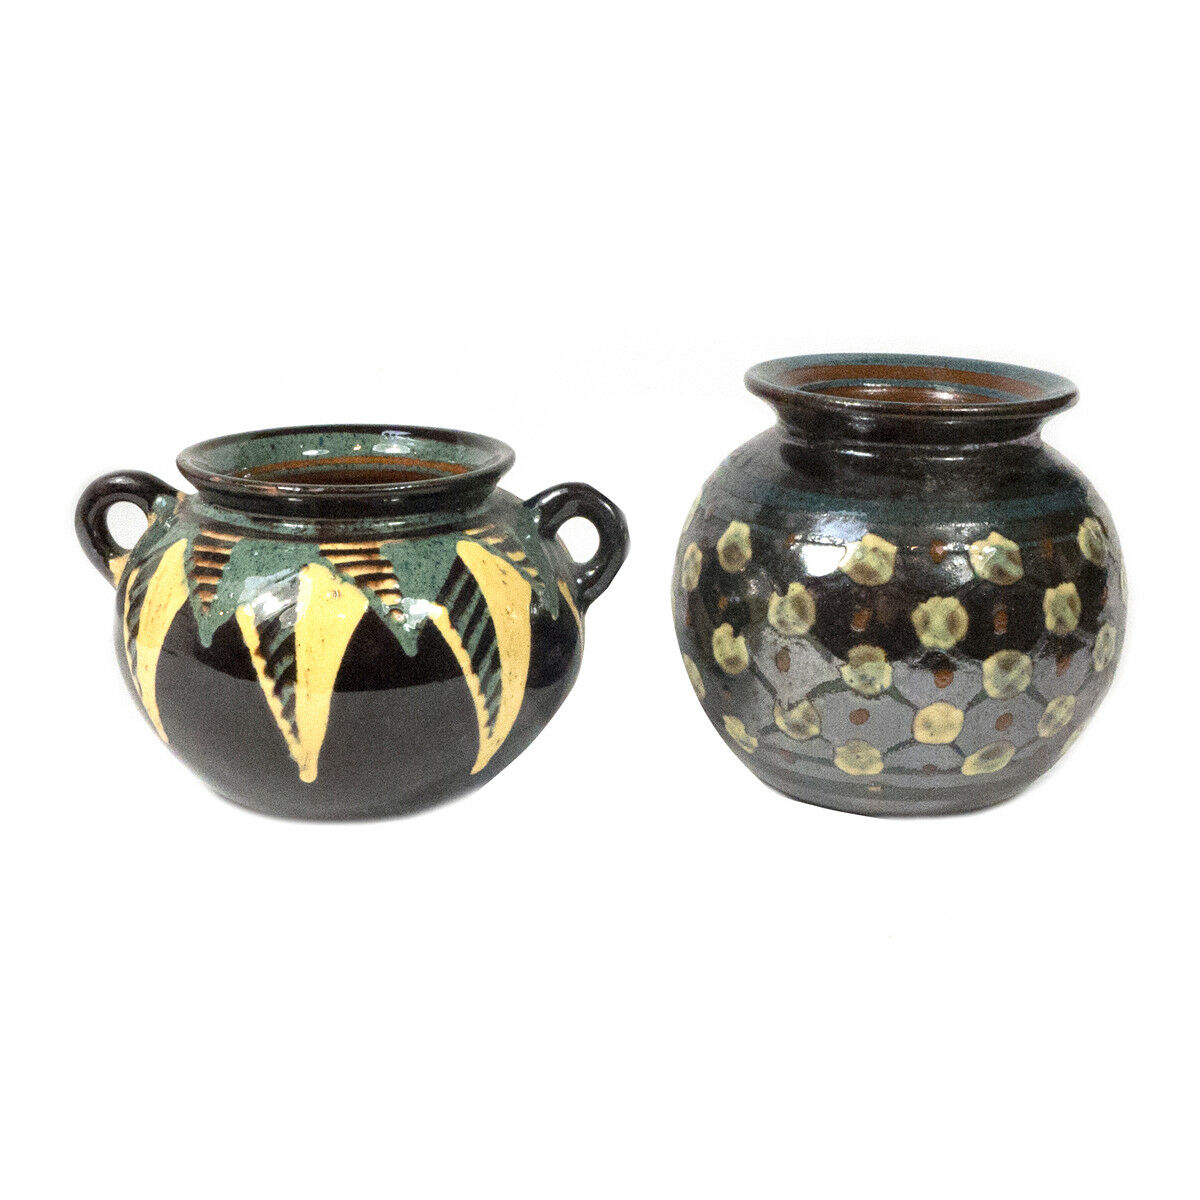 basso prezzo del 40% LOT LOT LOT OF 2 VINTAGE FIRMATO Exotic DISEGNO Redware ceramica Caraffe   VASI 3.60  online economico